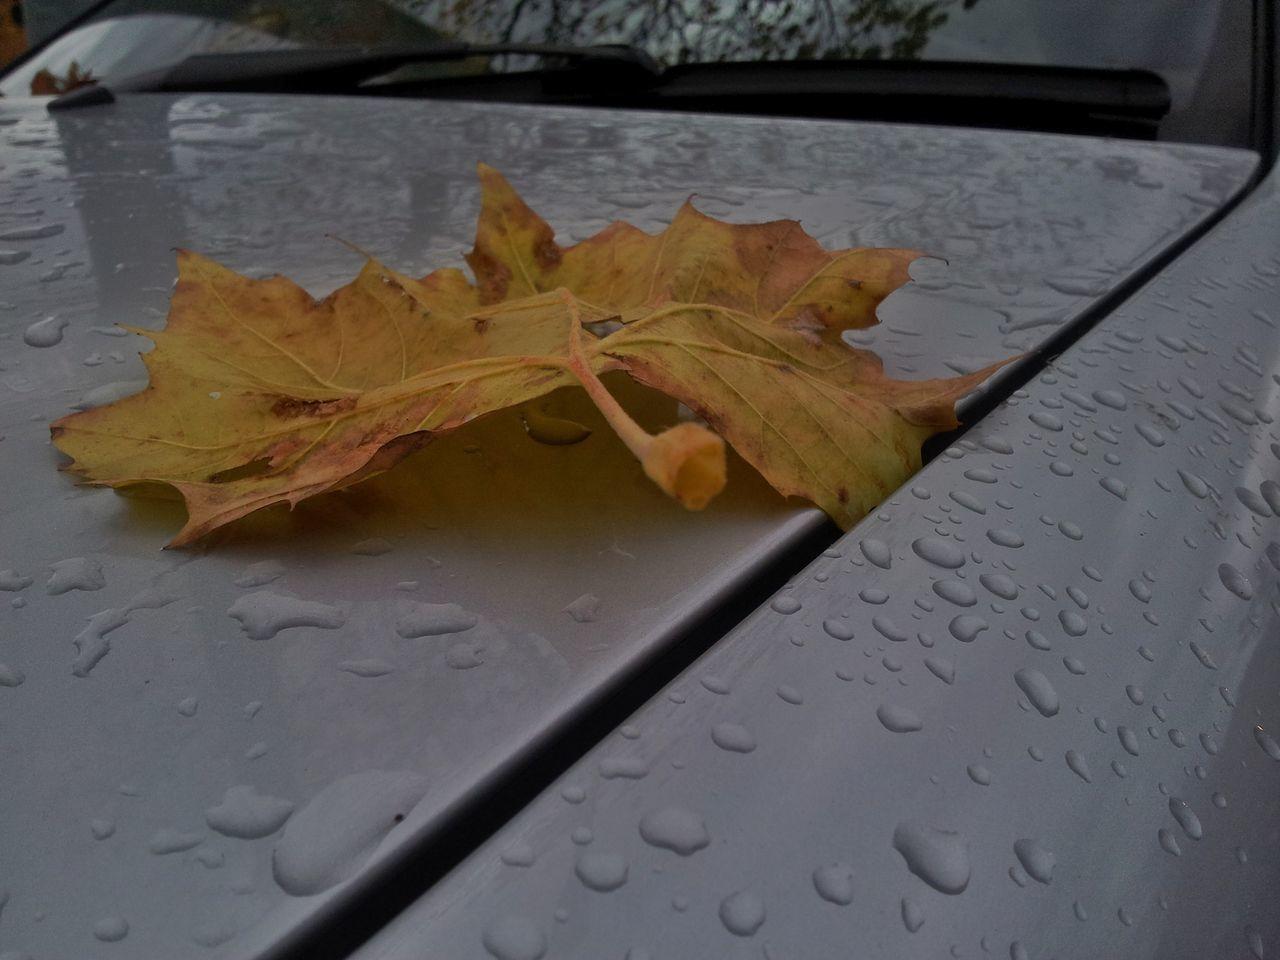 Blatt fällt auf Auto Autumn Colors Herbst In Seinen Schönsten Farben Natural Beauty Naturelovers Wood - Material Herbstfarben Herbstlaub Herbst, Laub, Herbstlaub, Herbstfarben, Herbstleuchten, Herbstspaziergang,